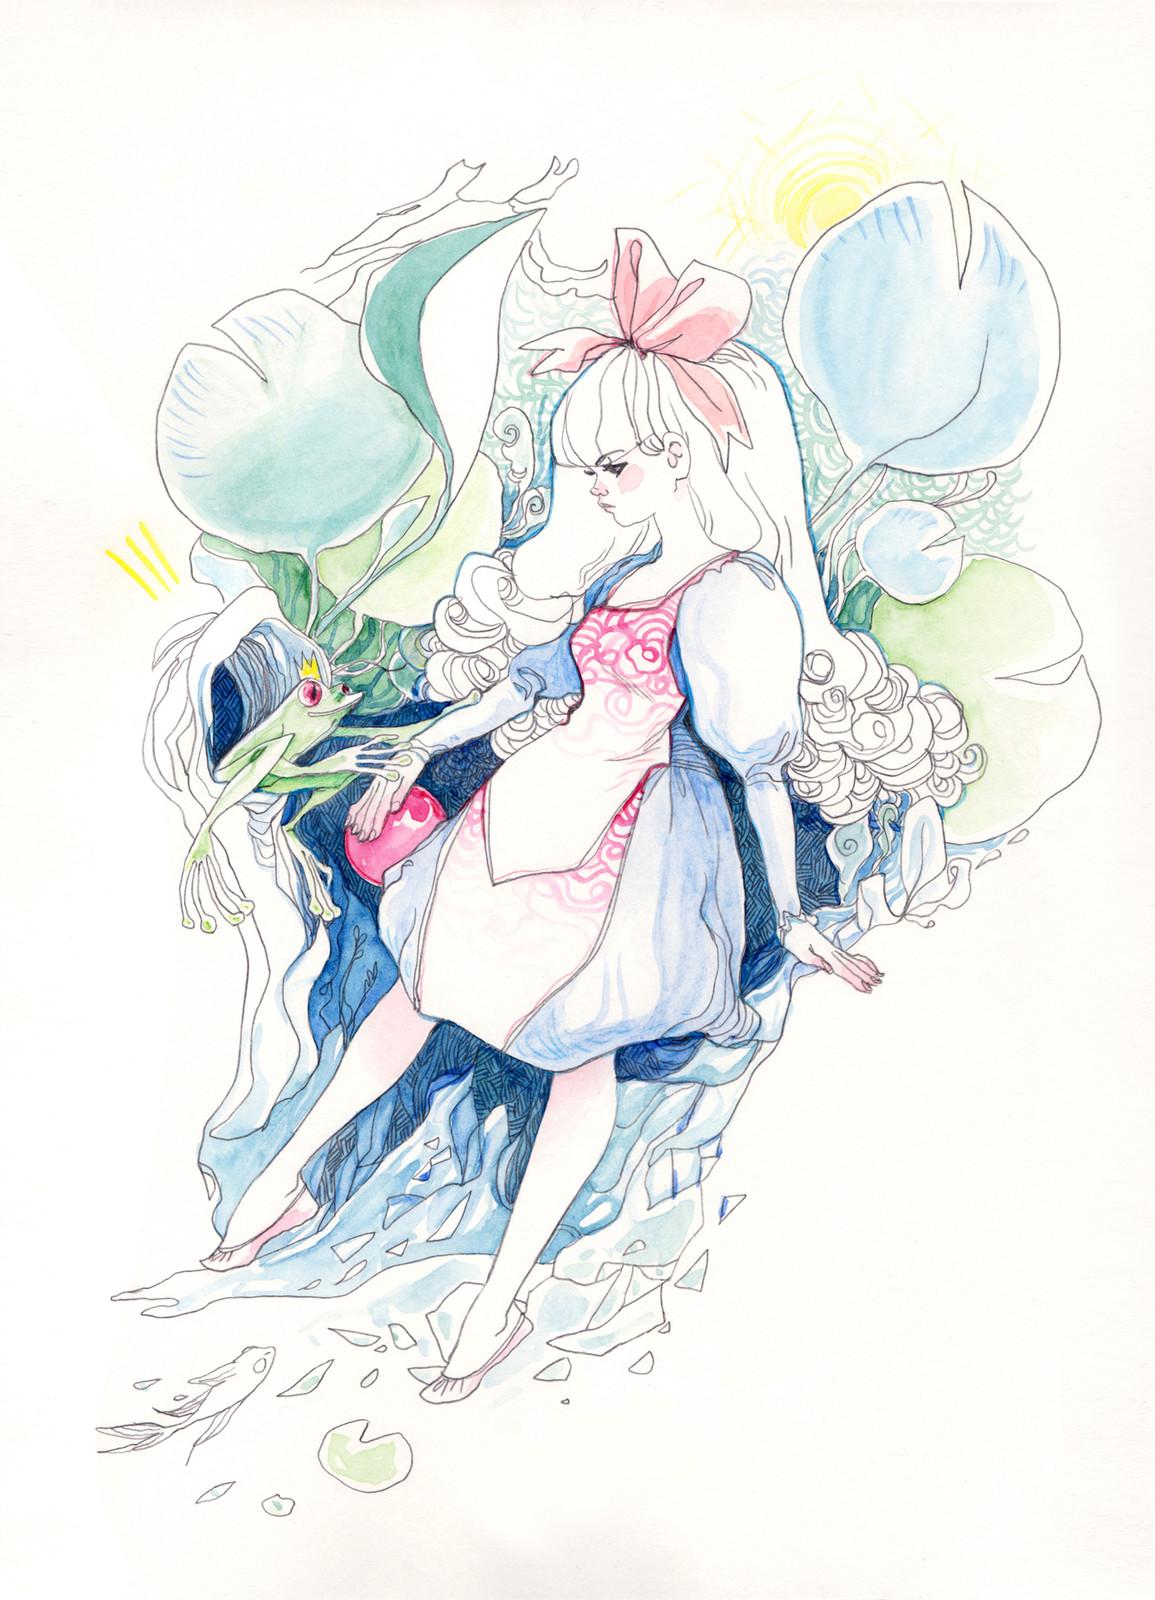 Alice in Wonderland revisited - Arludik Gallery collective exhibition in Paris - watercolor + 2B 3mm pencil.